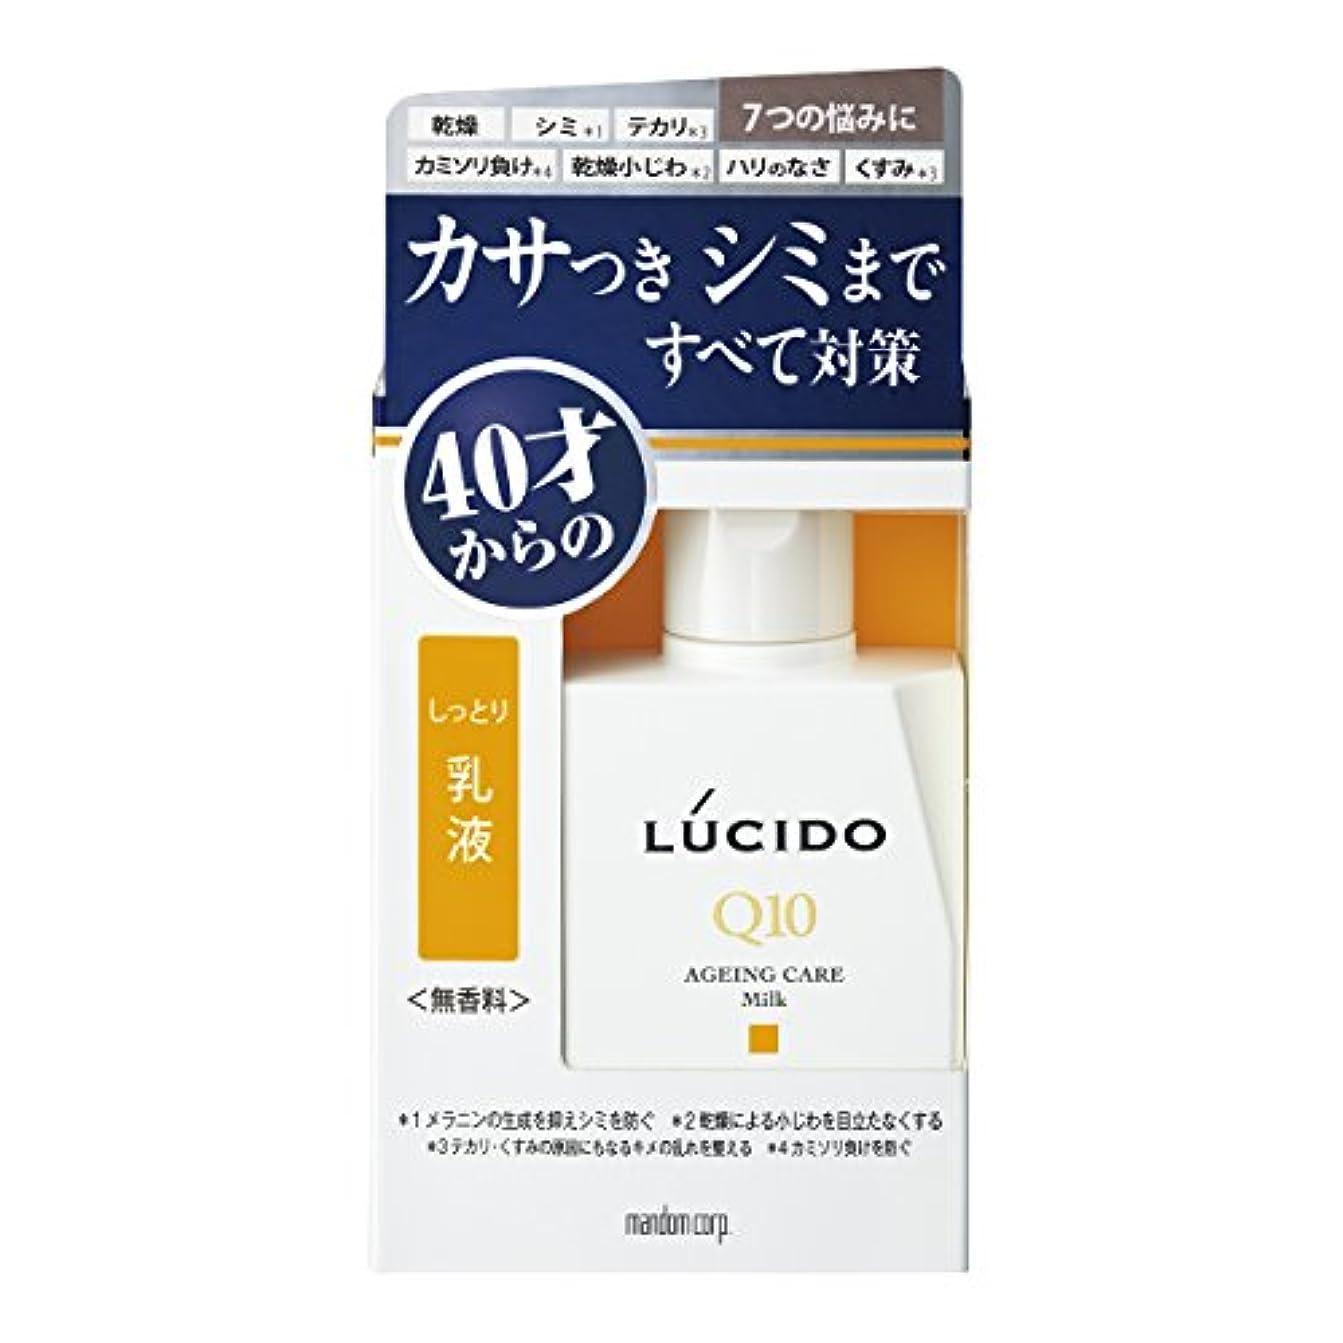 アコードのため素晴らしいですルシード 薬用 トータルケア乳液 (医薬部外品)100ml